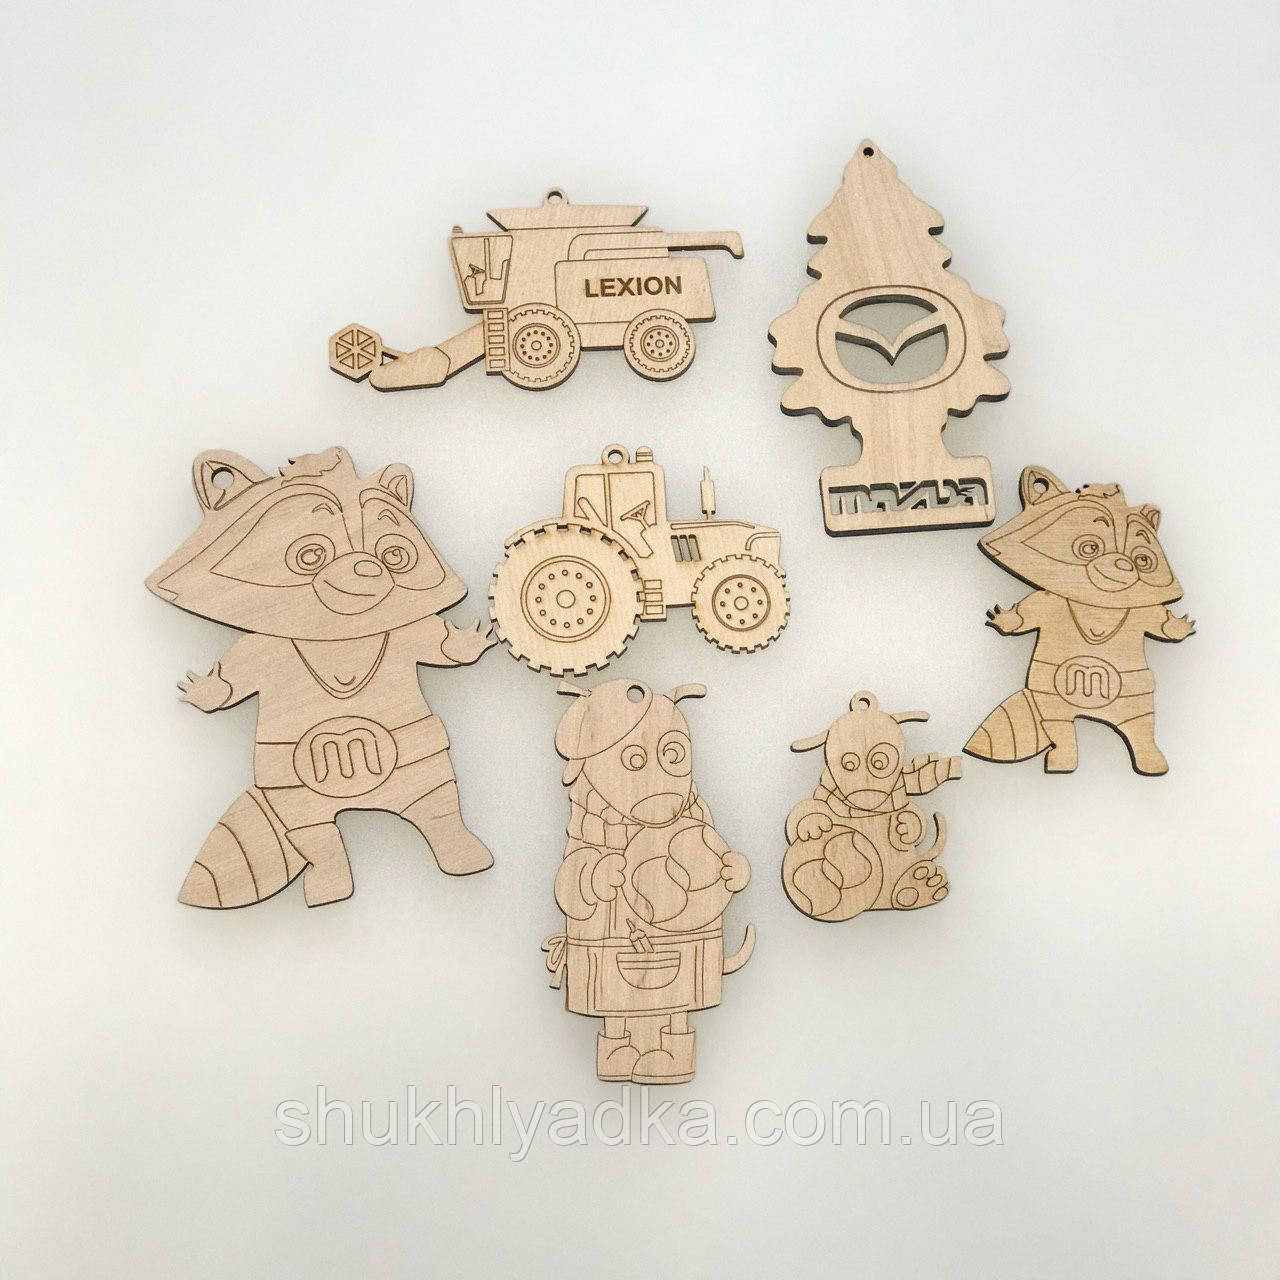 Брендовані новорічні іграшки-емблеми, брелоки